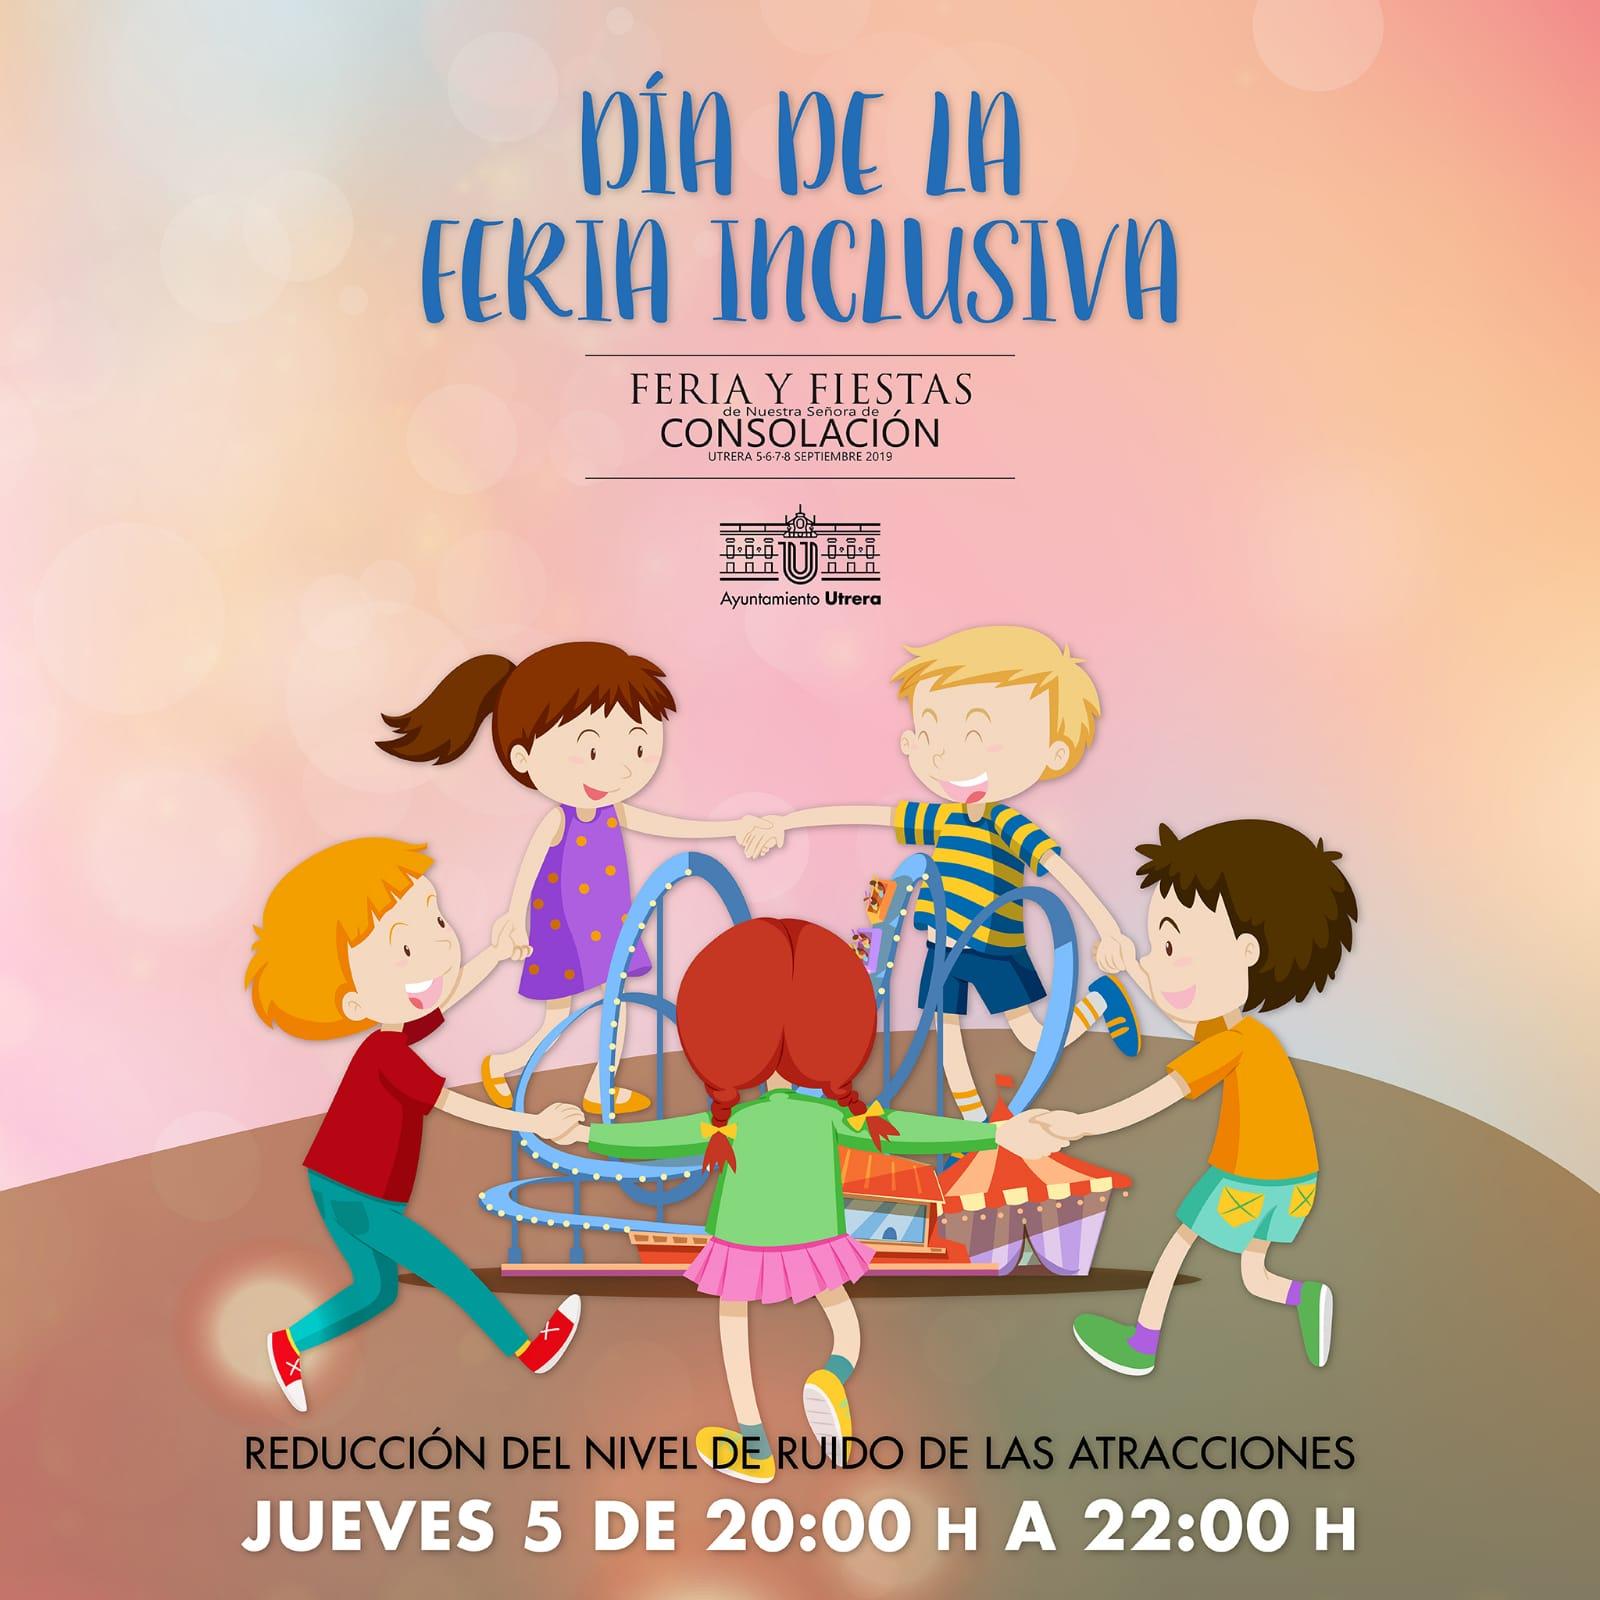 Día de la Feria Inclusiva, Utrera